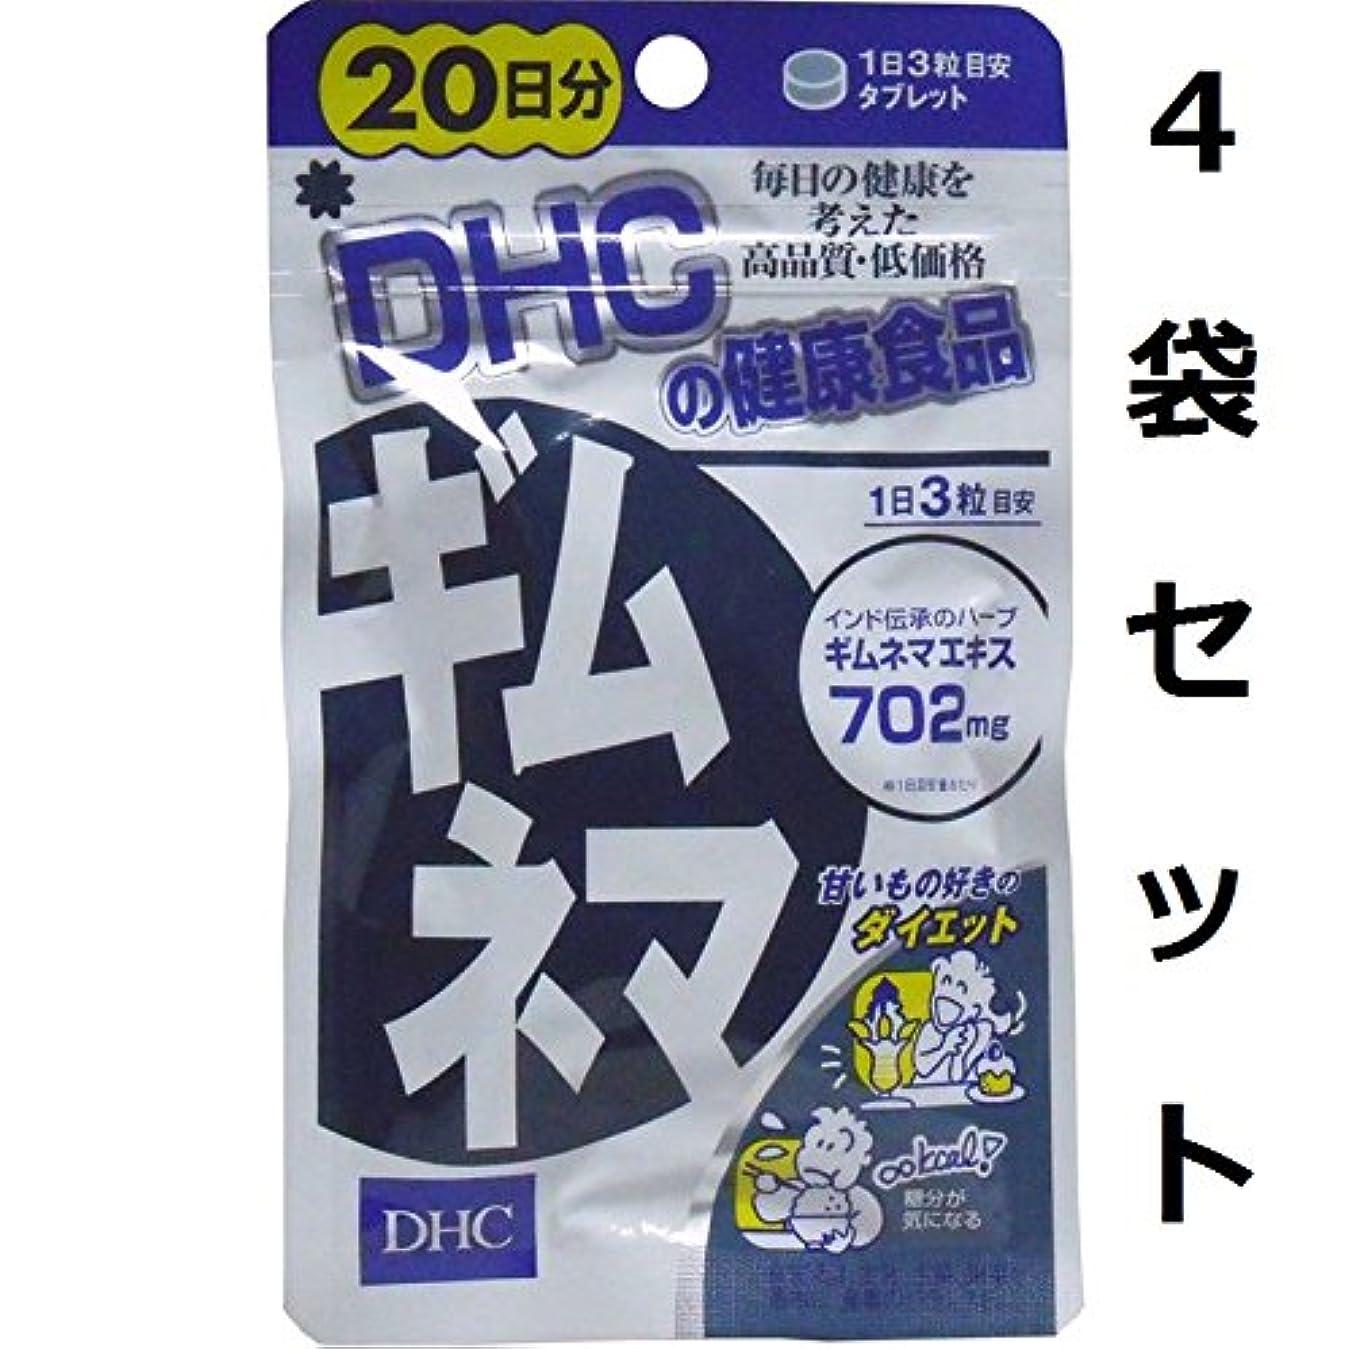 推論自治シャーロットブロンテ糖分や炭水化物を多く摂る人に DHC ギムネマ 20日分 60粒 4袋セット